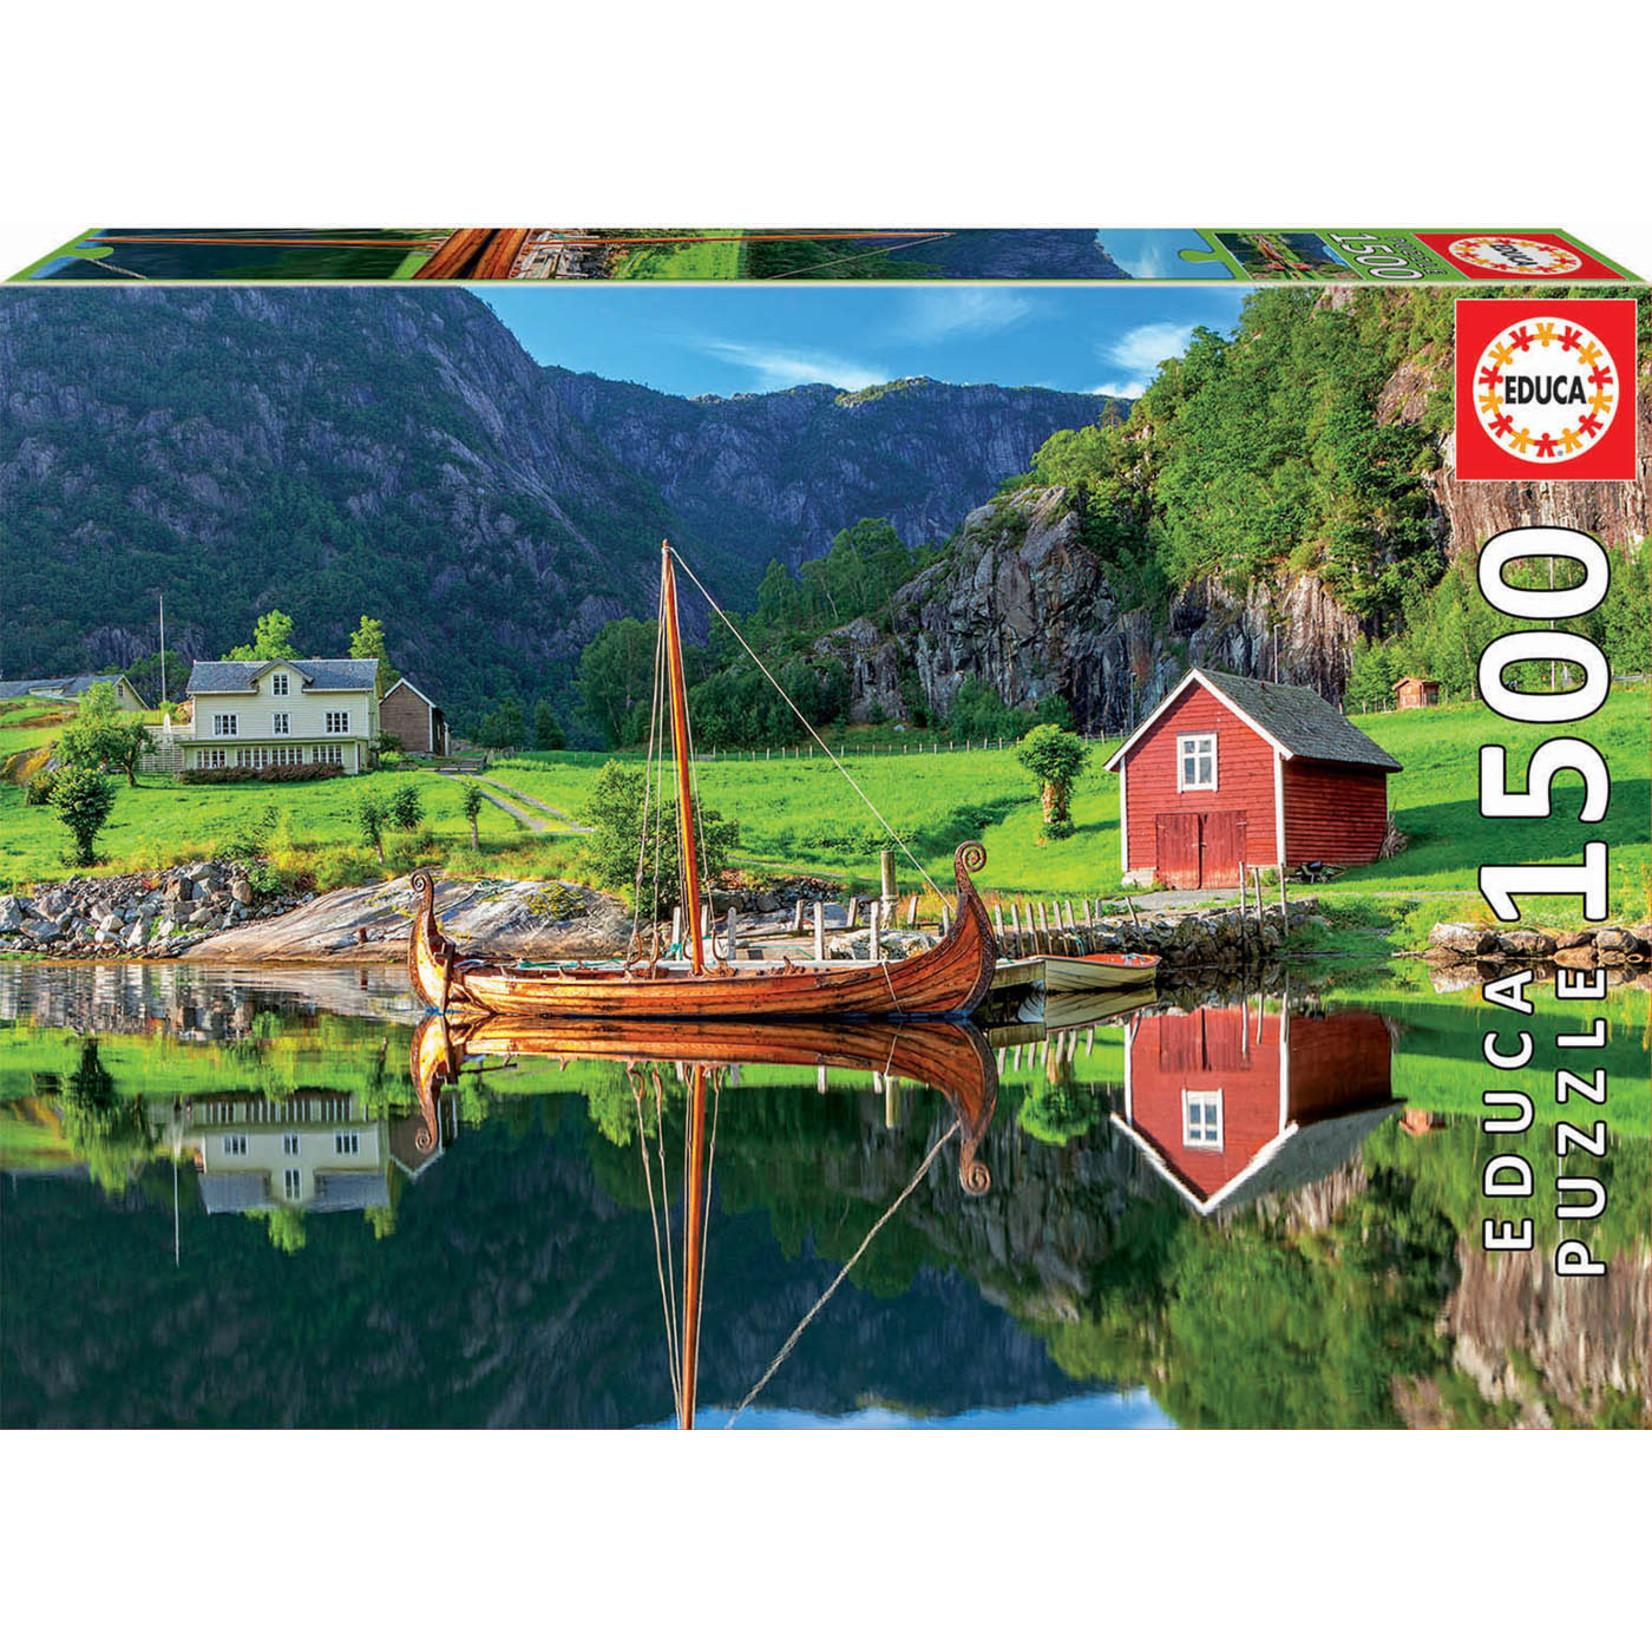 Educa Puzzles Viking Ship 1500pc